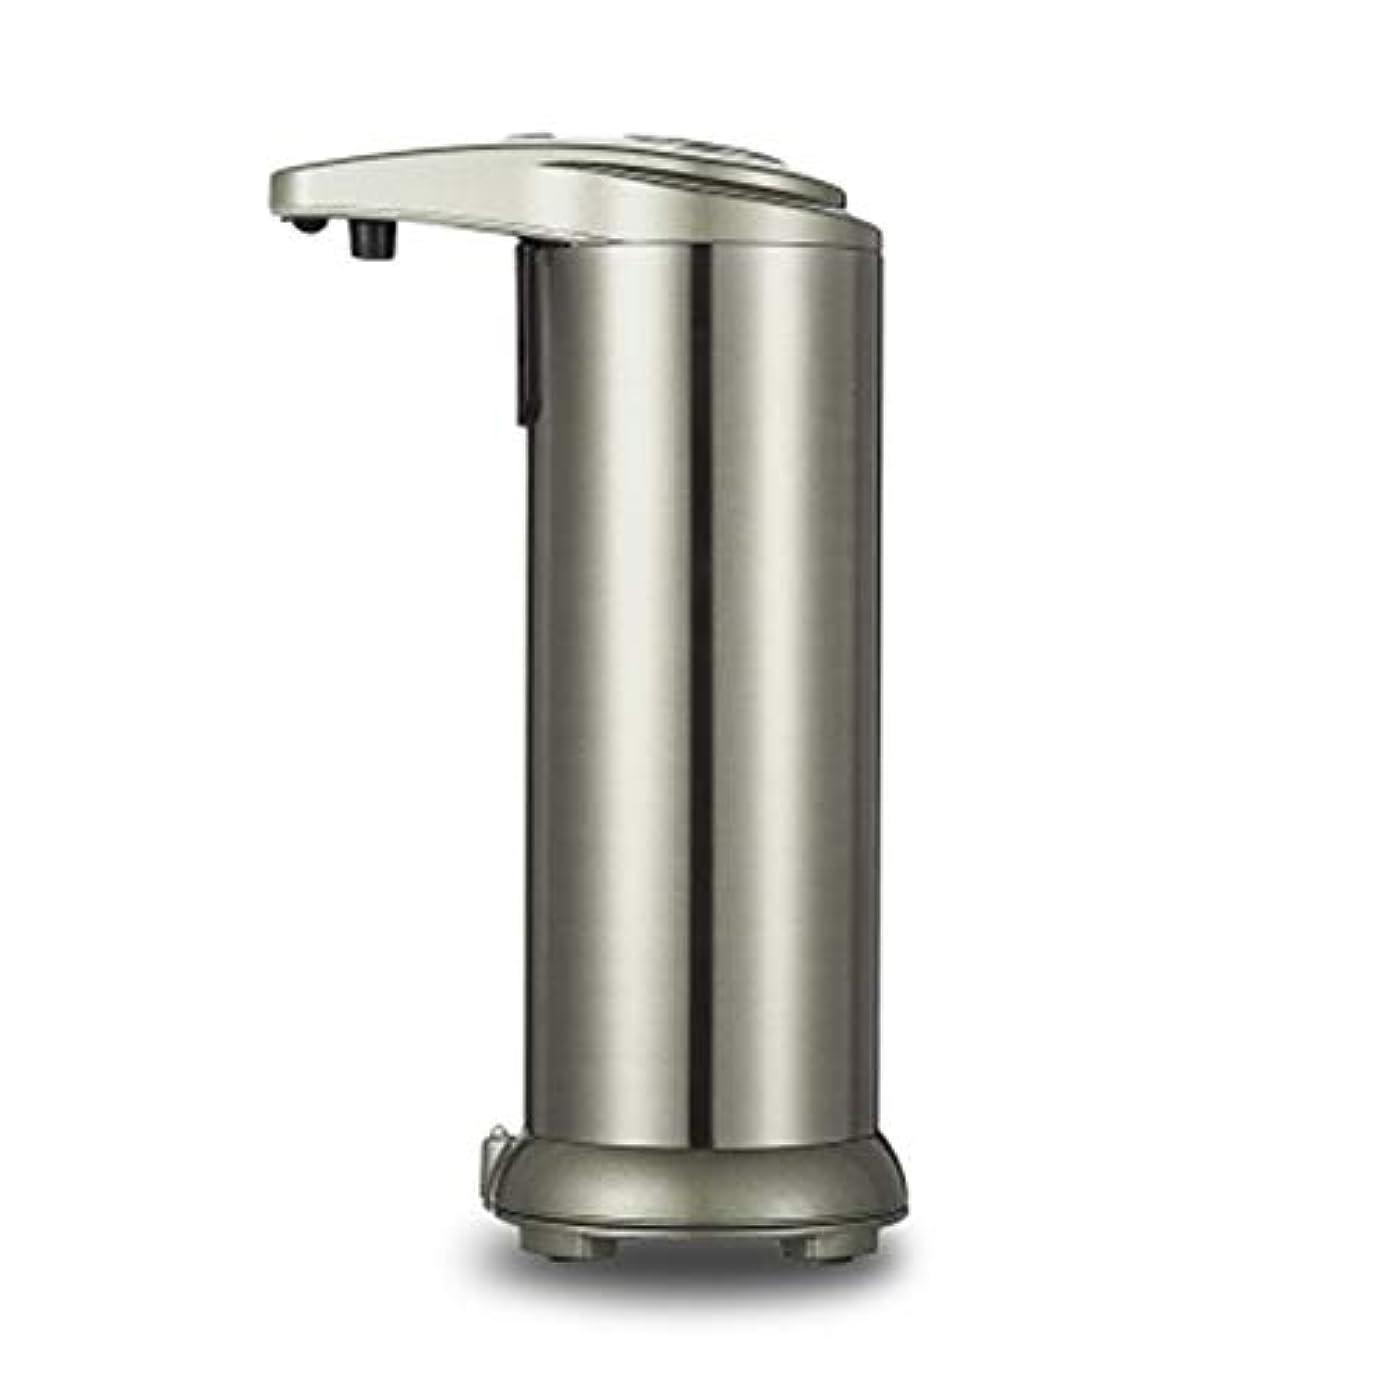 発動機ヒット作る280mlシャワーのステンレス鋼センサーの接触自由な石鹸のシャンプーディスペンサー